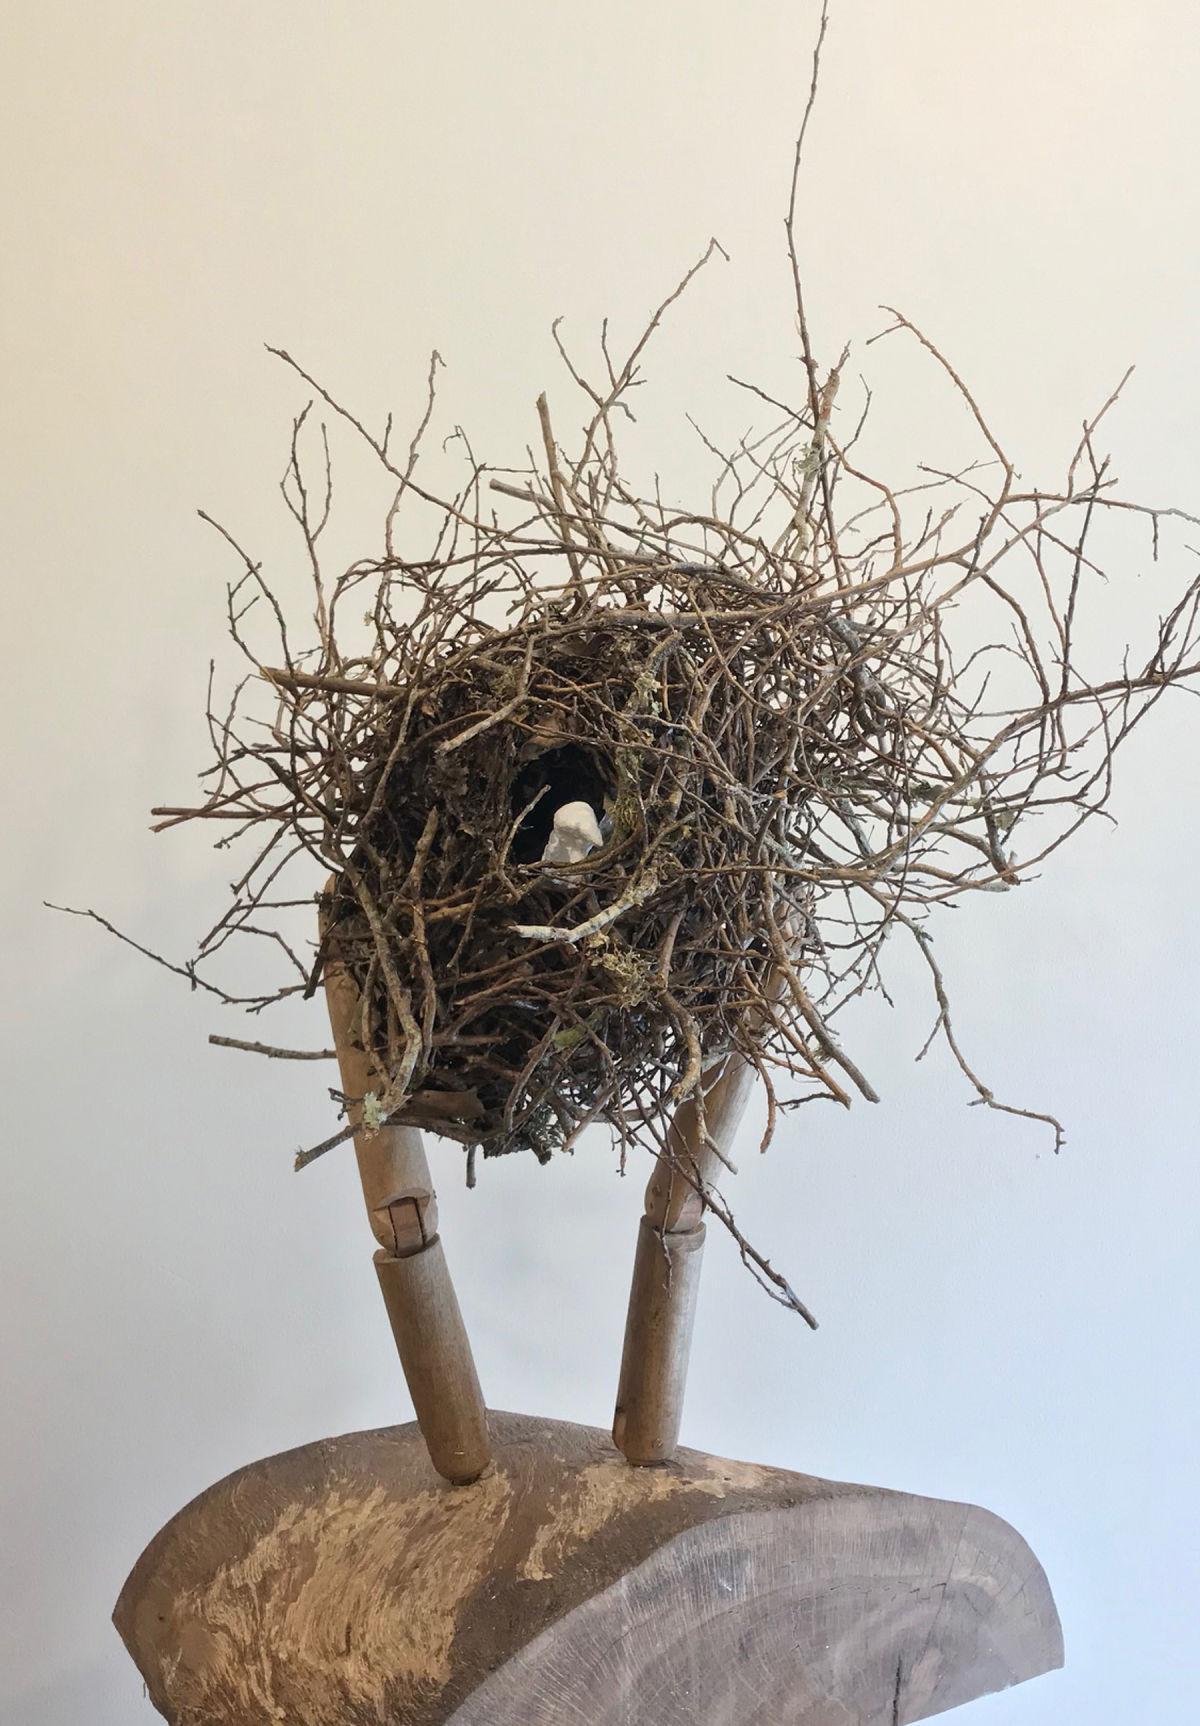 Carwile nest